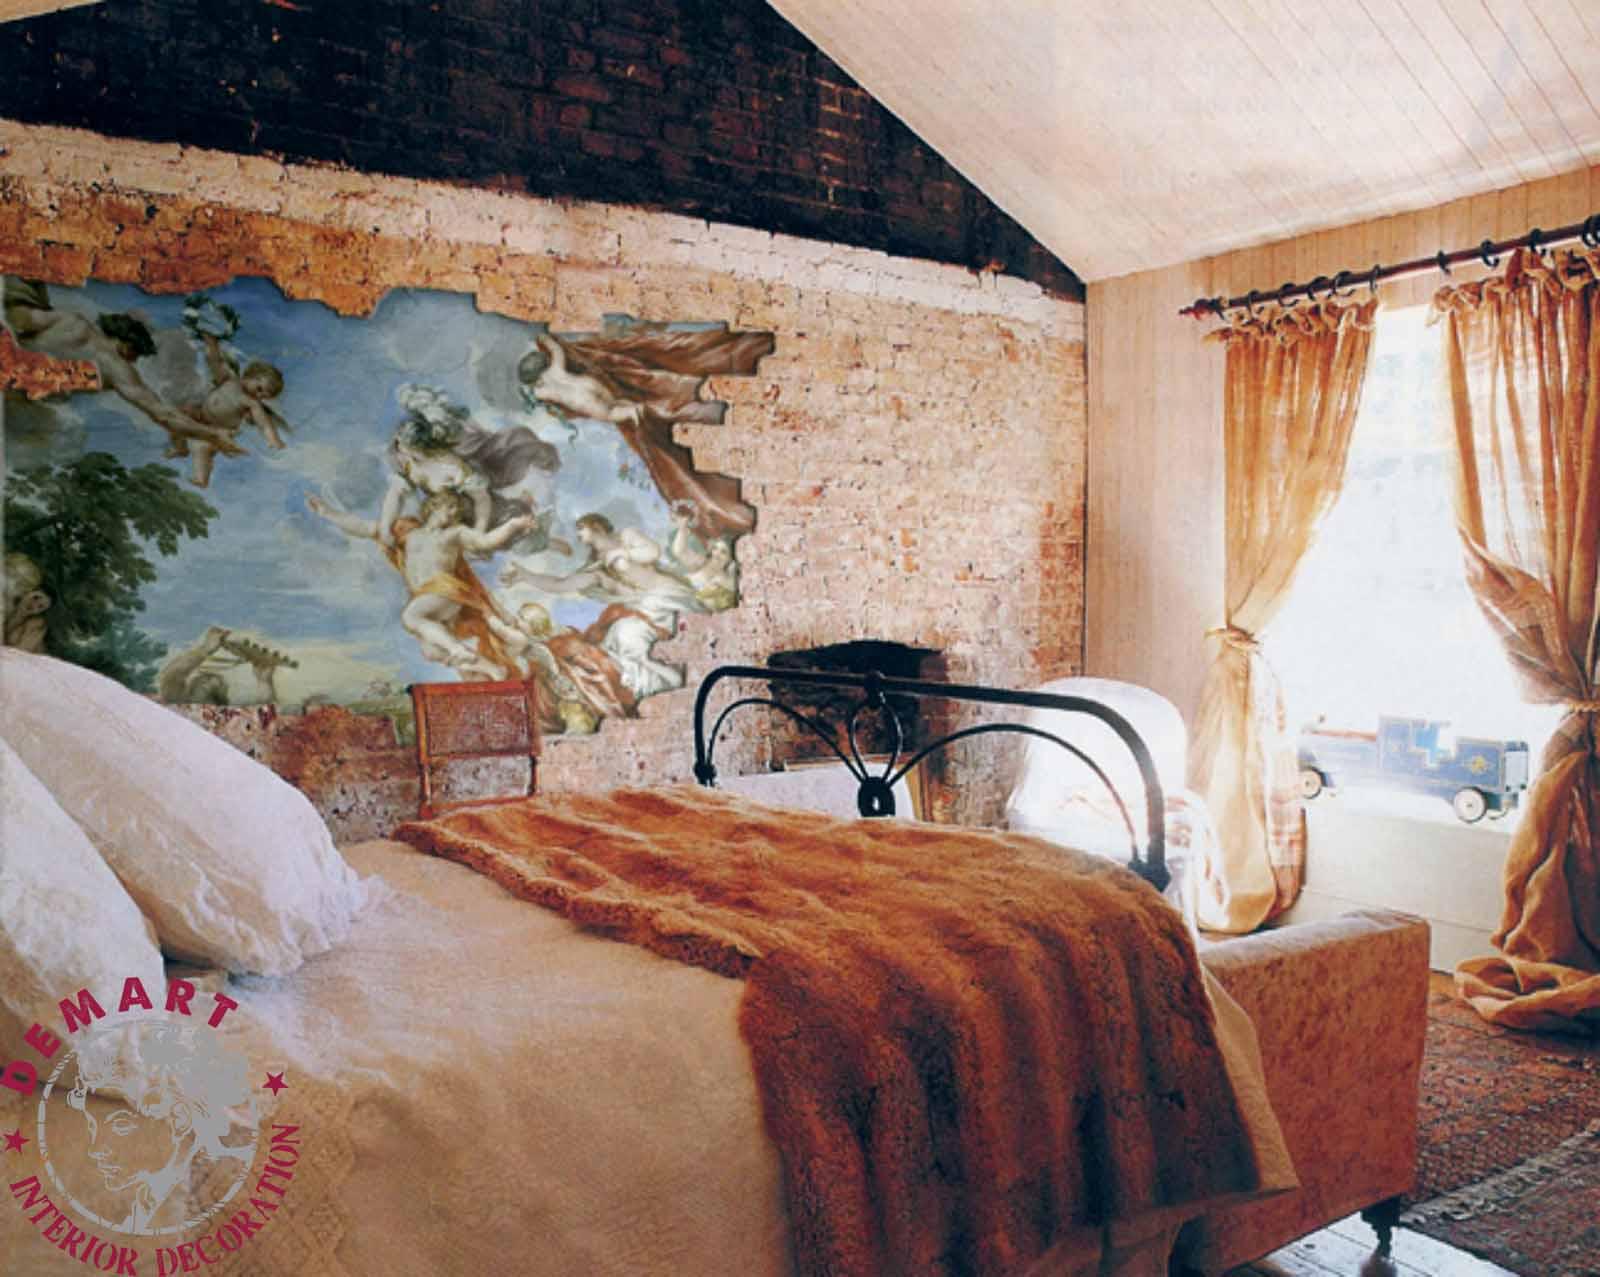 Decorazioni murali per interni fai da te nw55 - Camera da letto decorazioni murali ...